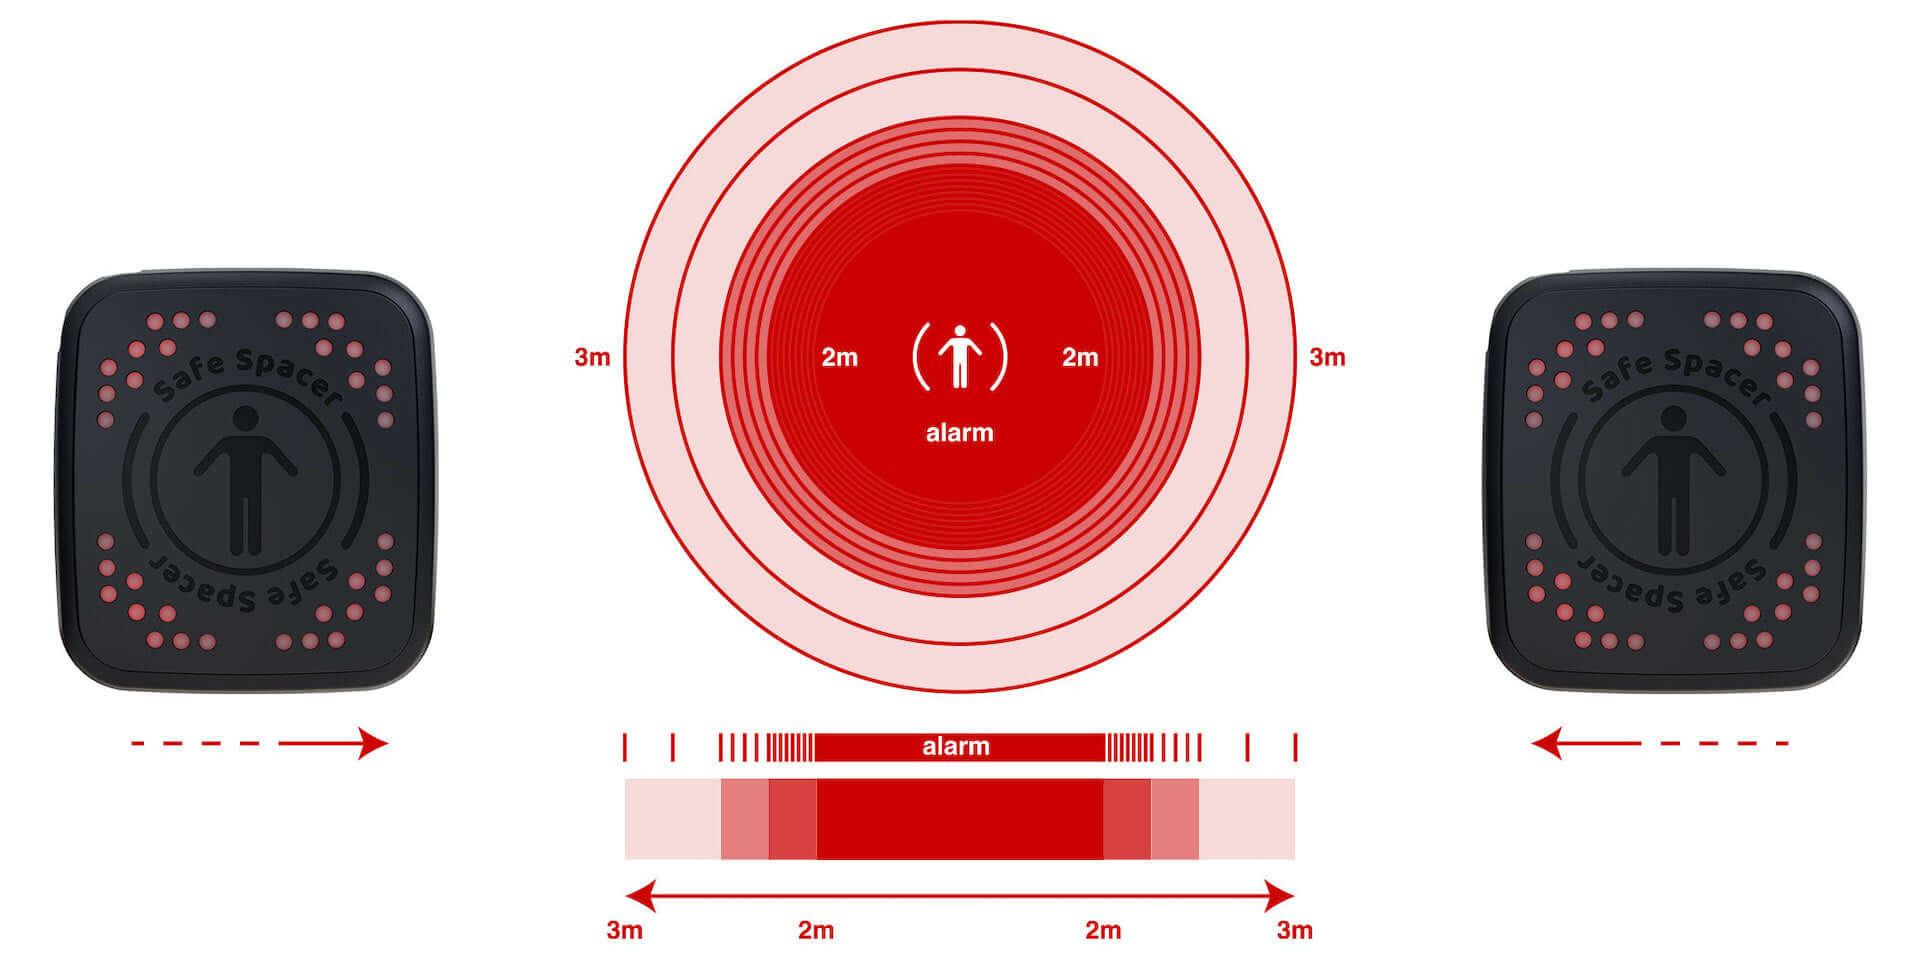 ソーシャル・ディスタンスを維持できるウェアラブル・デバイス『Safe Spacer(TM)』が発表! tech200521_wearablemonitor_02-1920x960